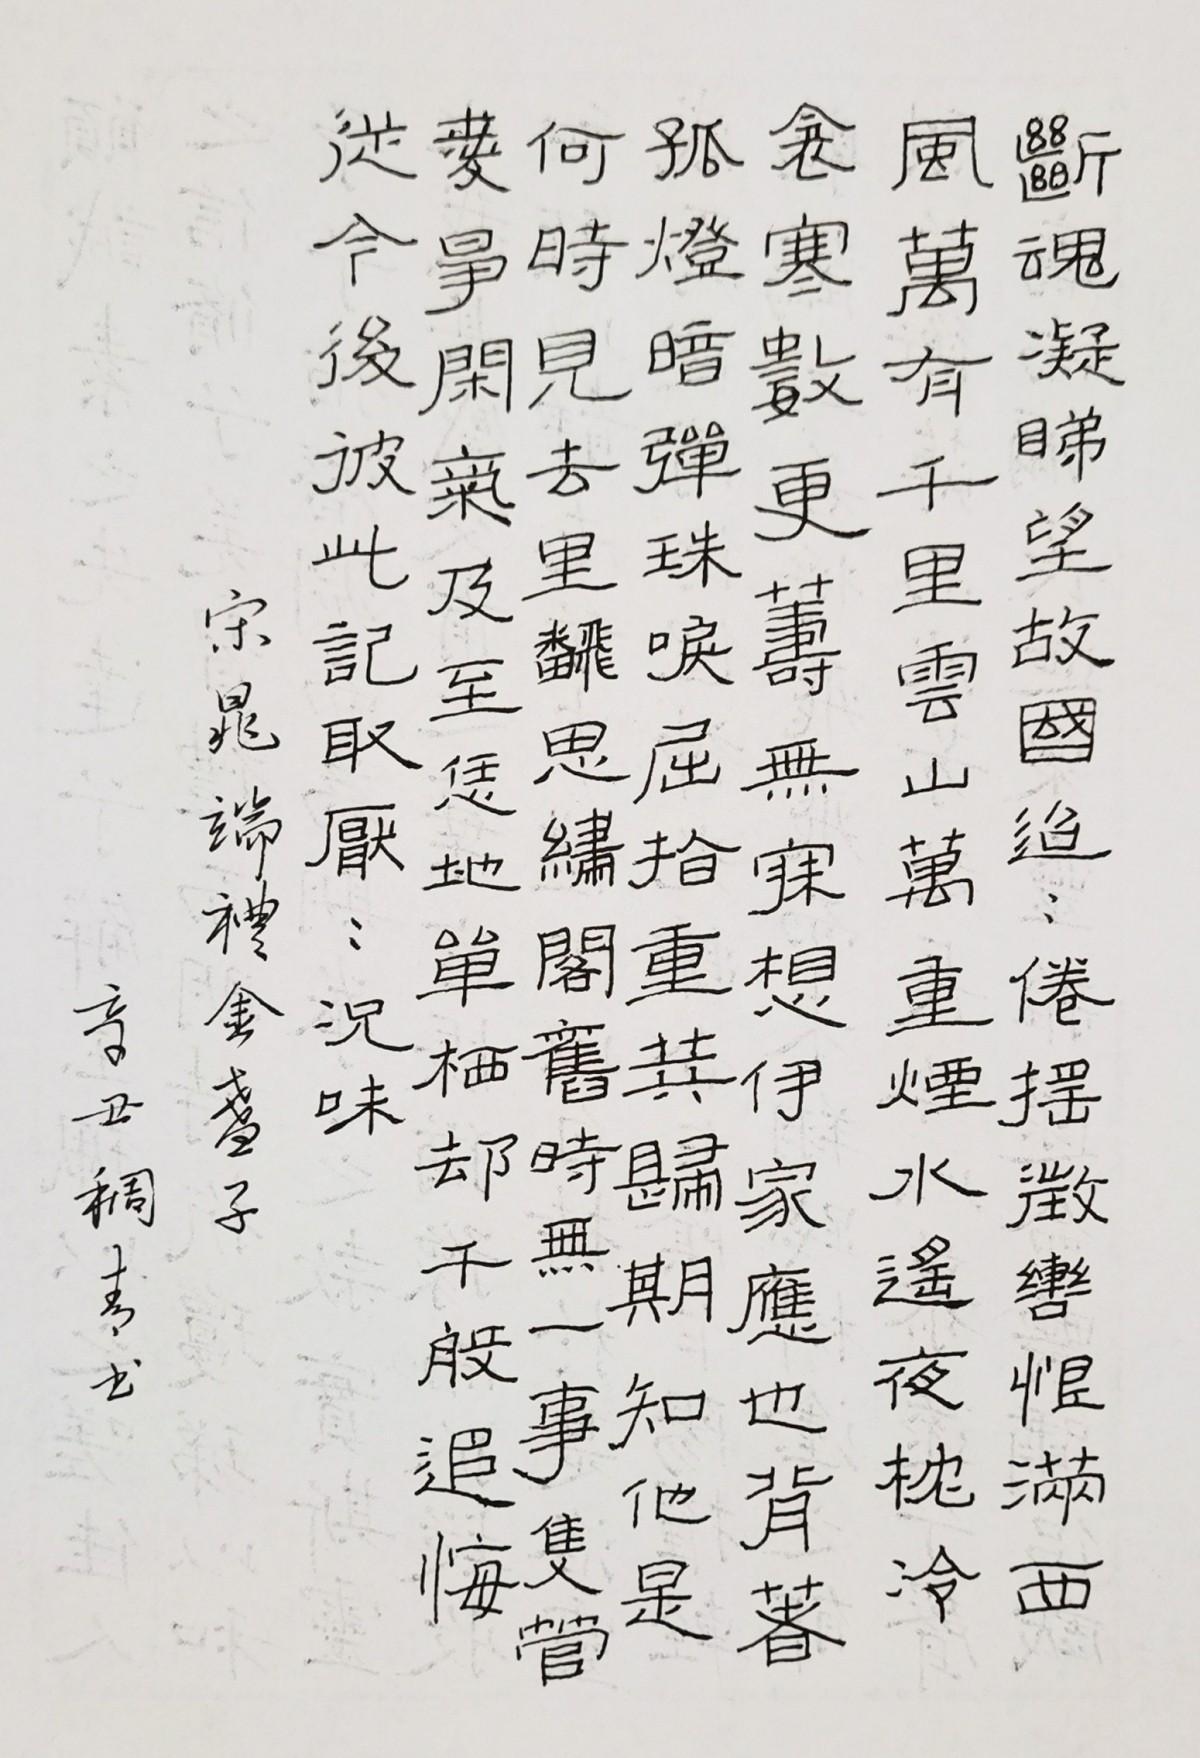 钢笔书法练字打卡20210727-09